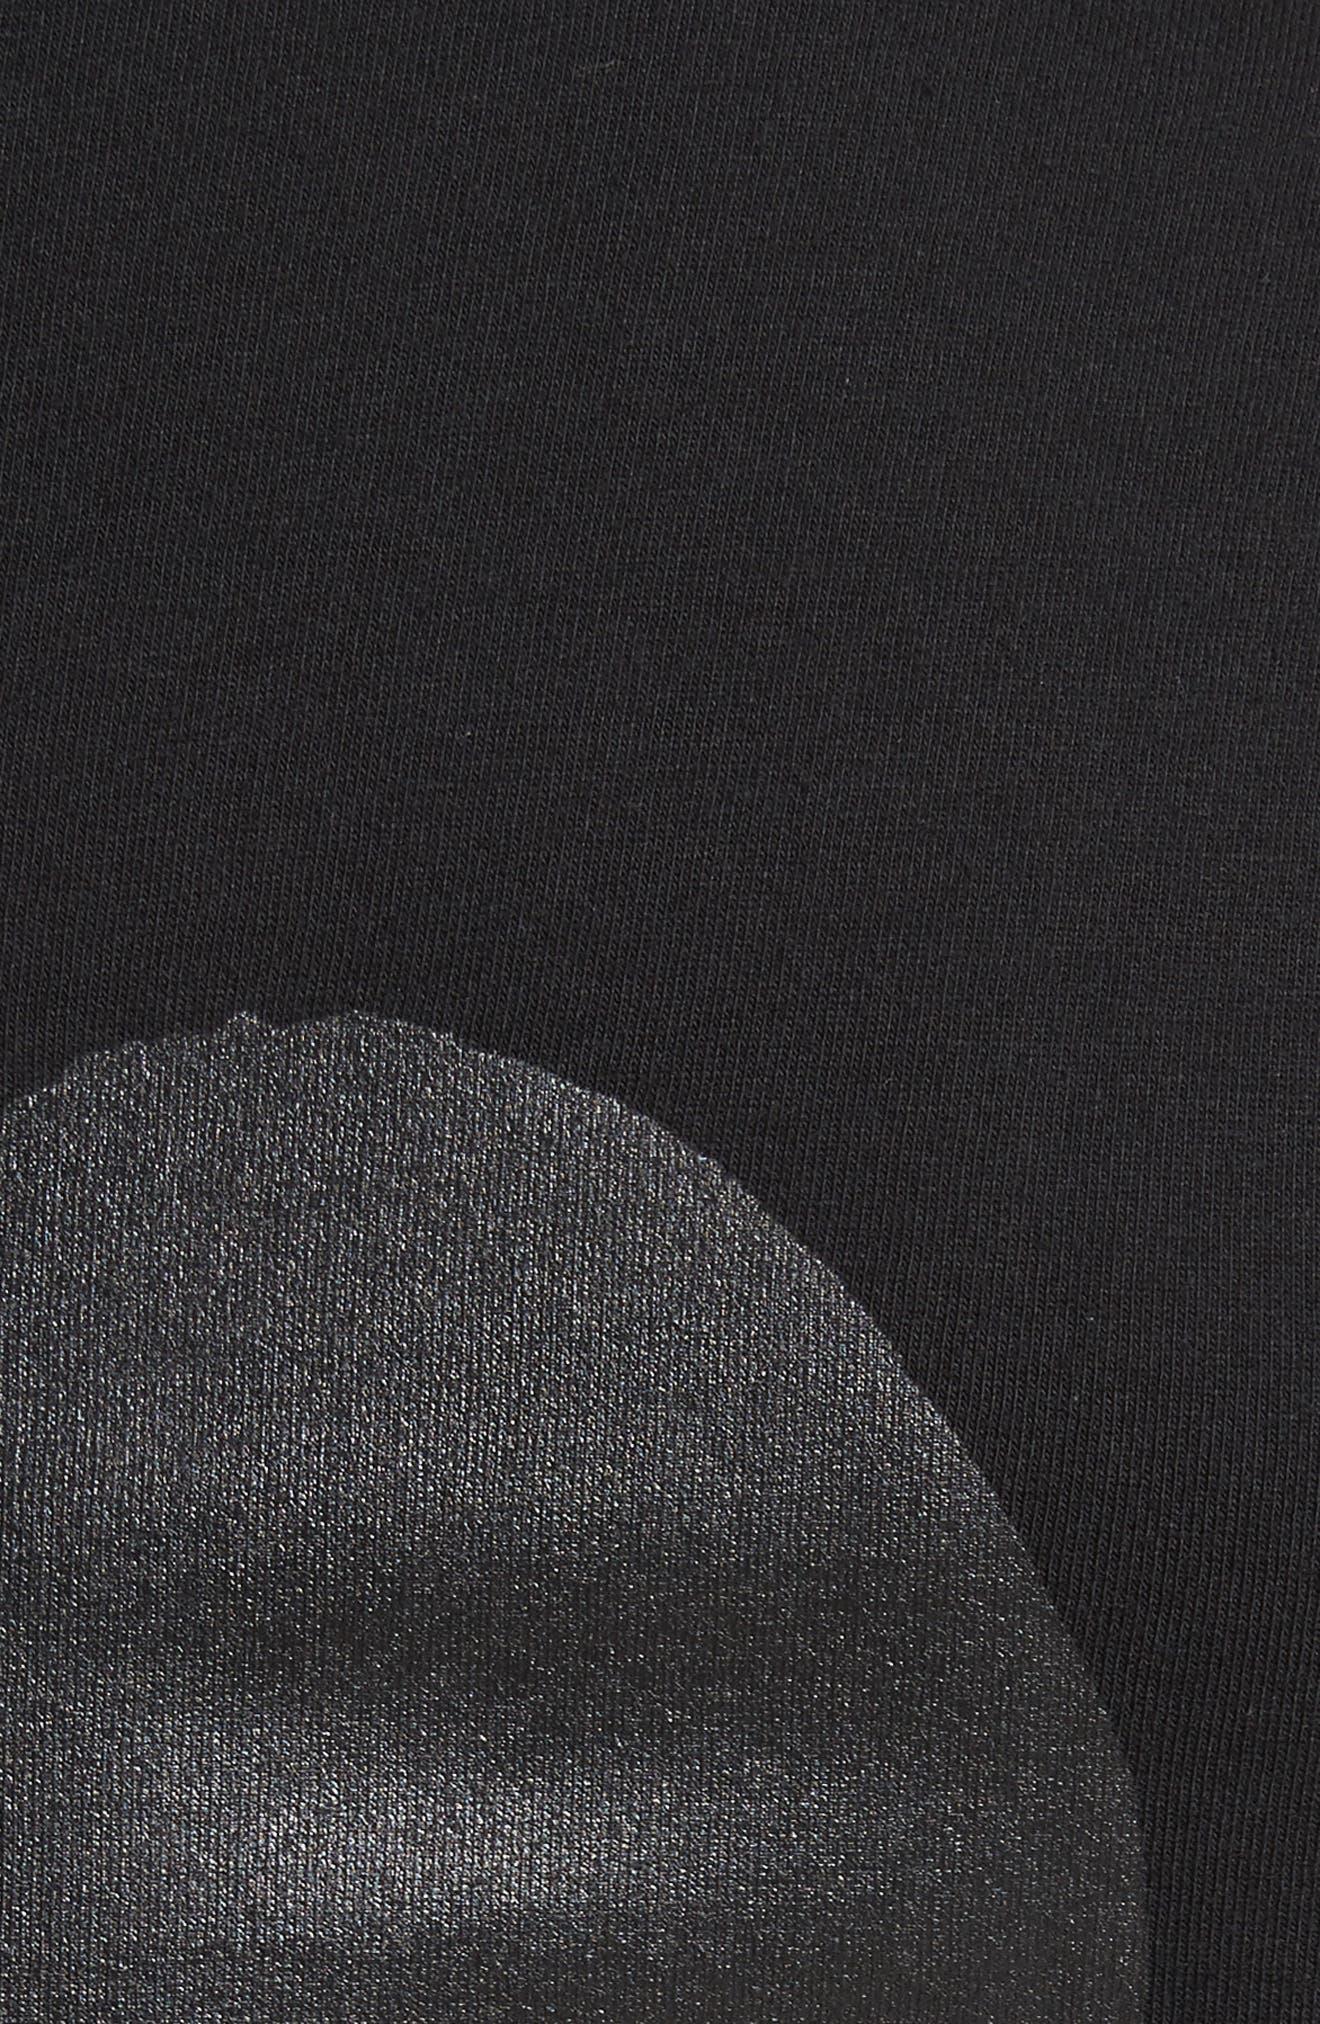 COMME DES GARÇONS PLAY,                             Graphic T-Shirt,                             Alternate thumbnail 5, color,                             BLACK